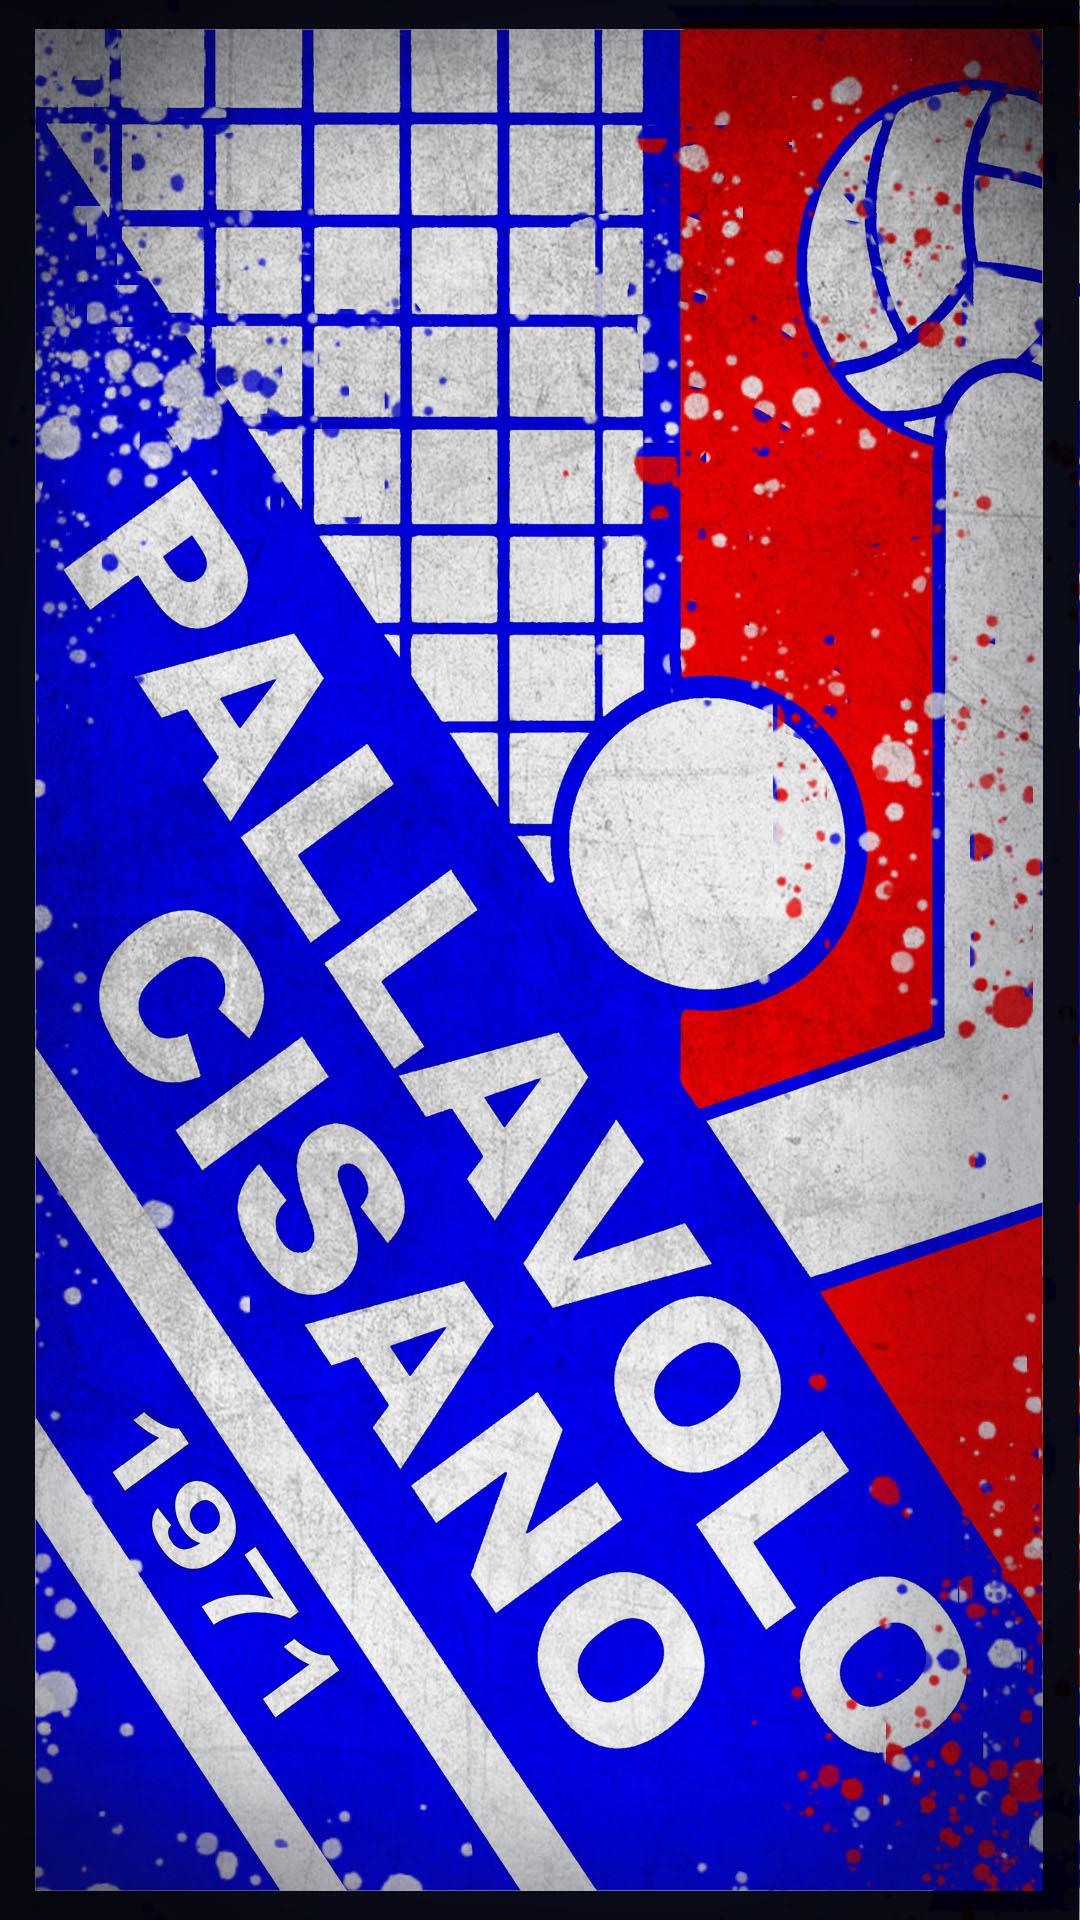 Wallpaper giocatori-CISANO